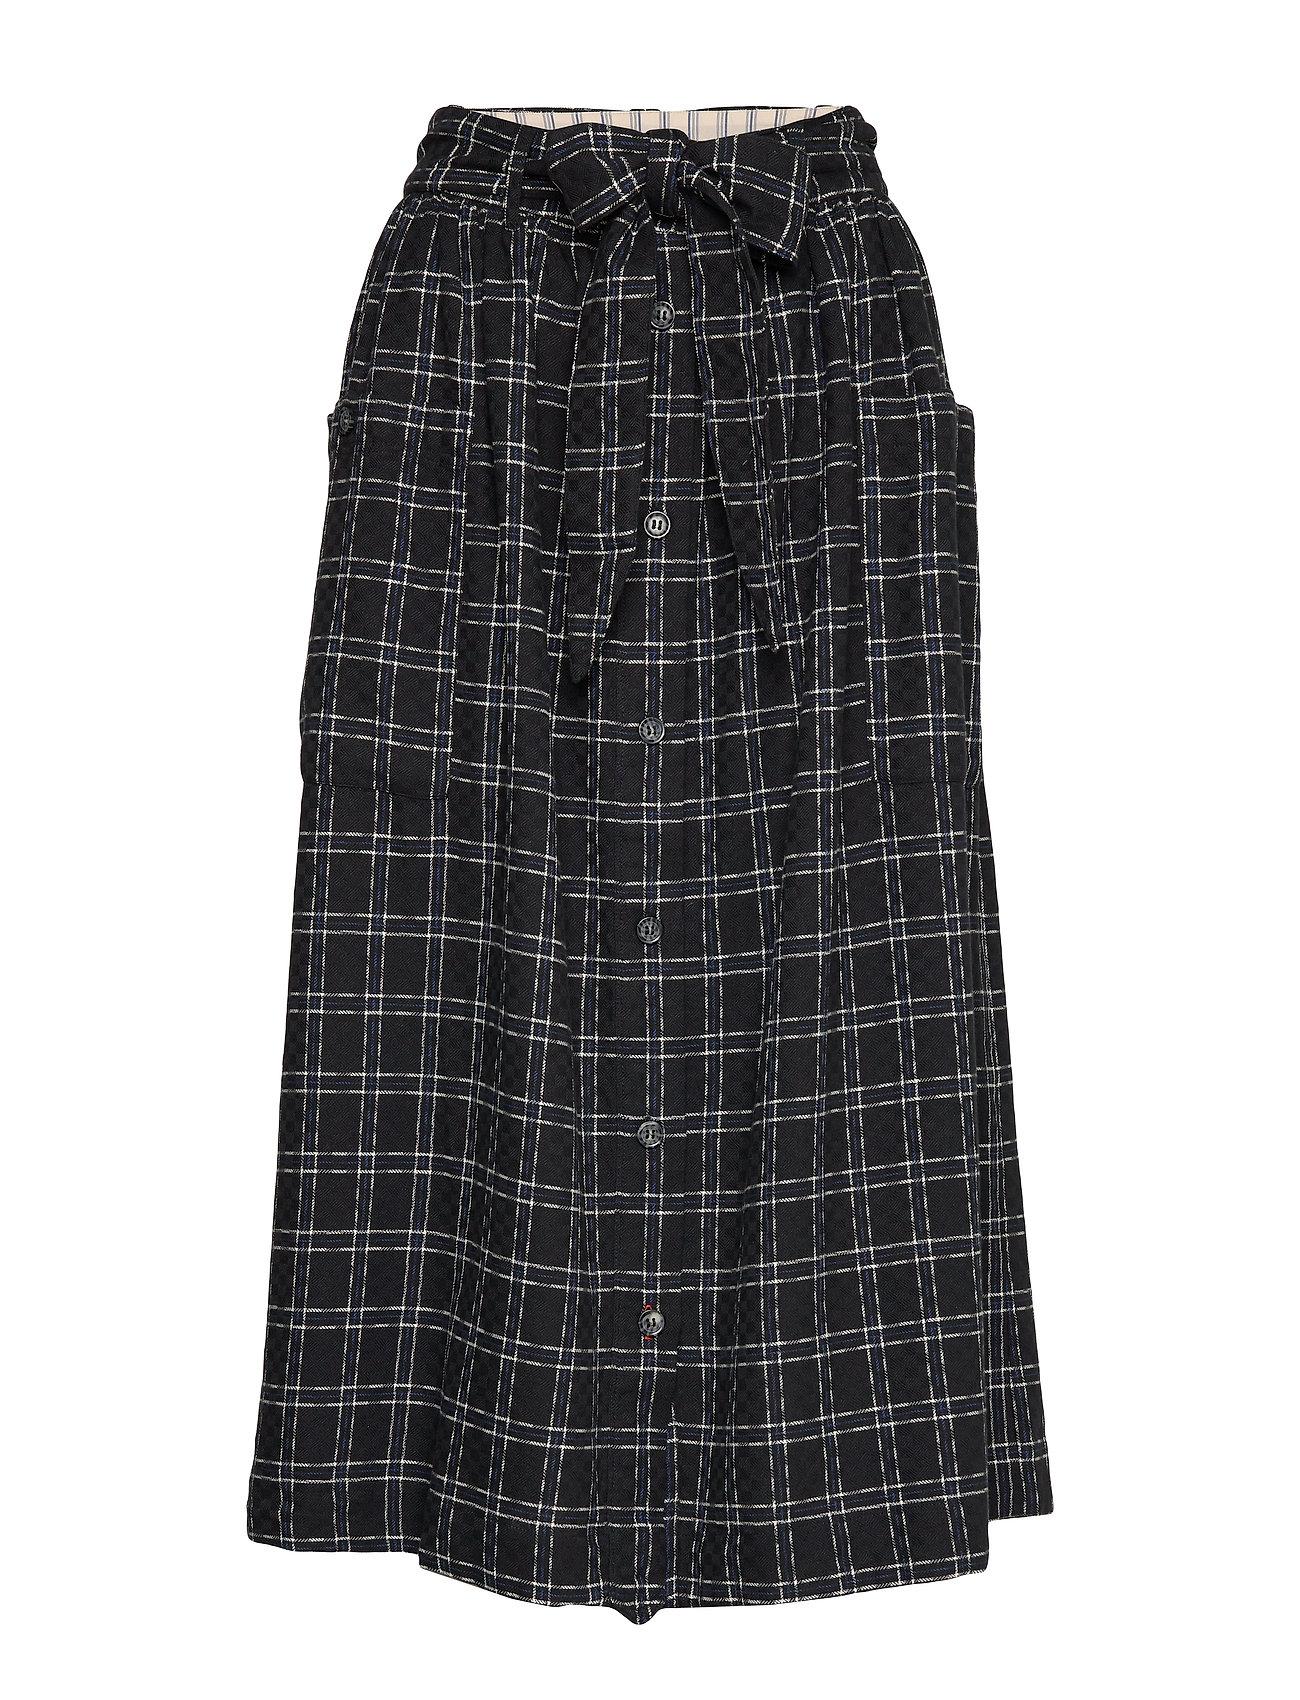 Noa Noa Skirt - ART BLACK